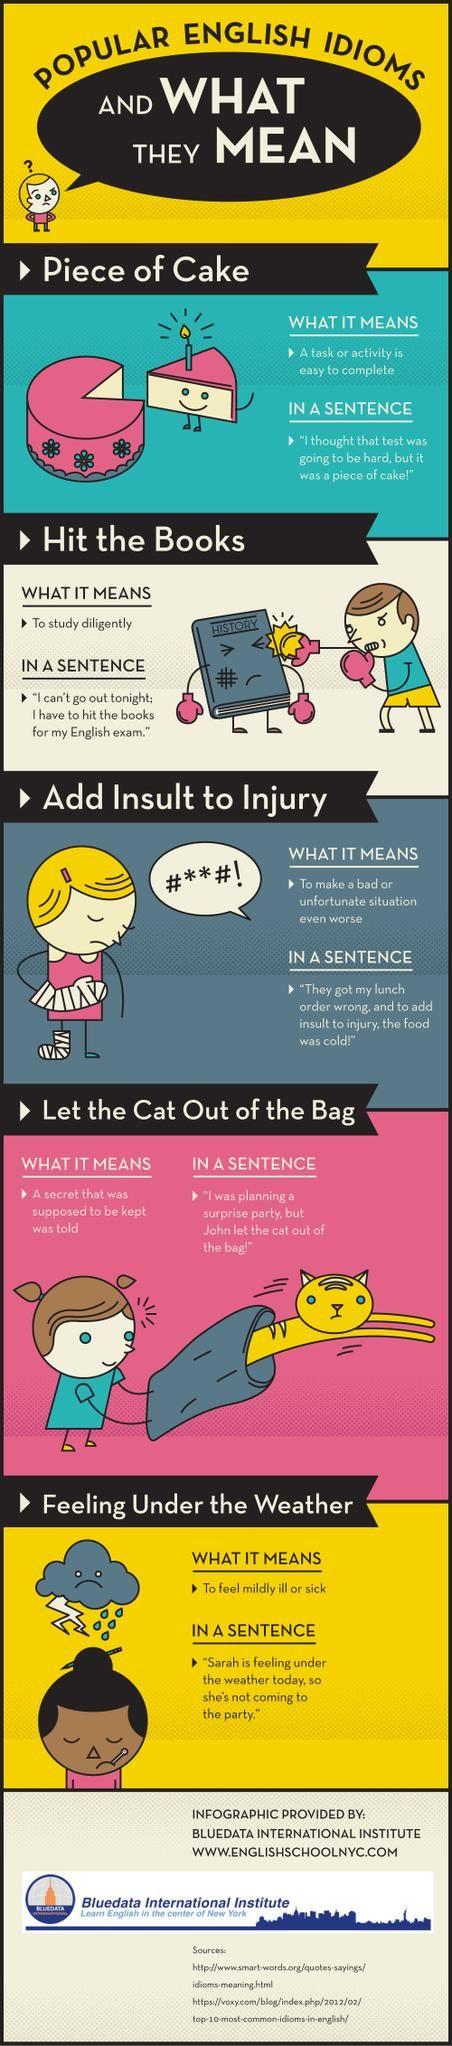 Frases hechas en inglés y su significado